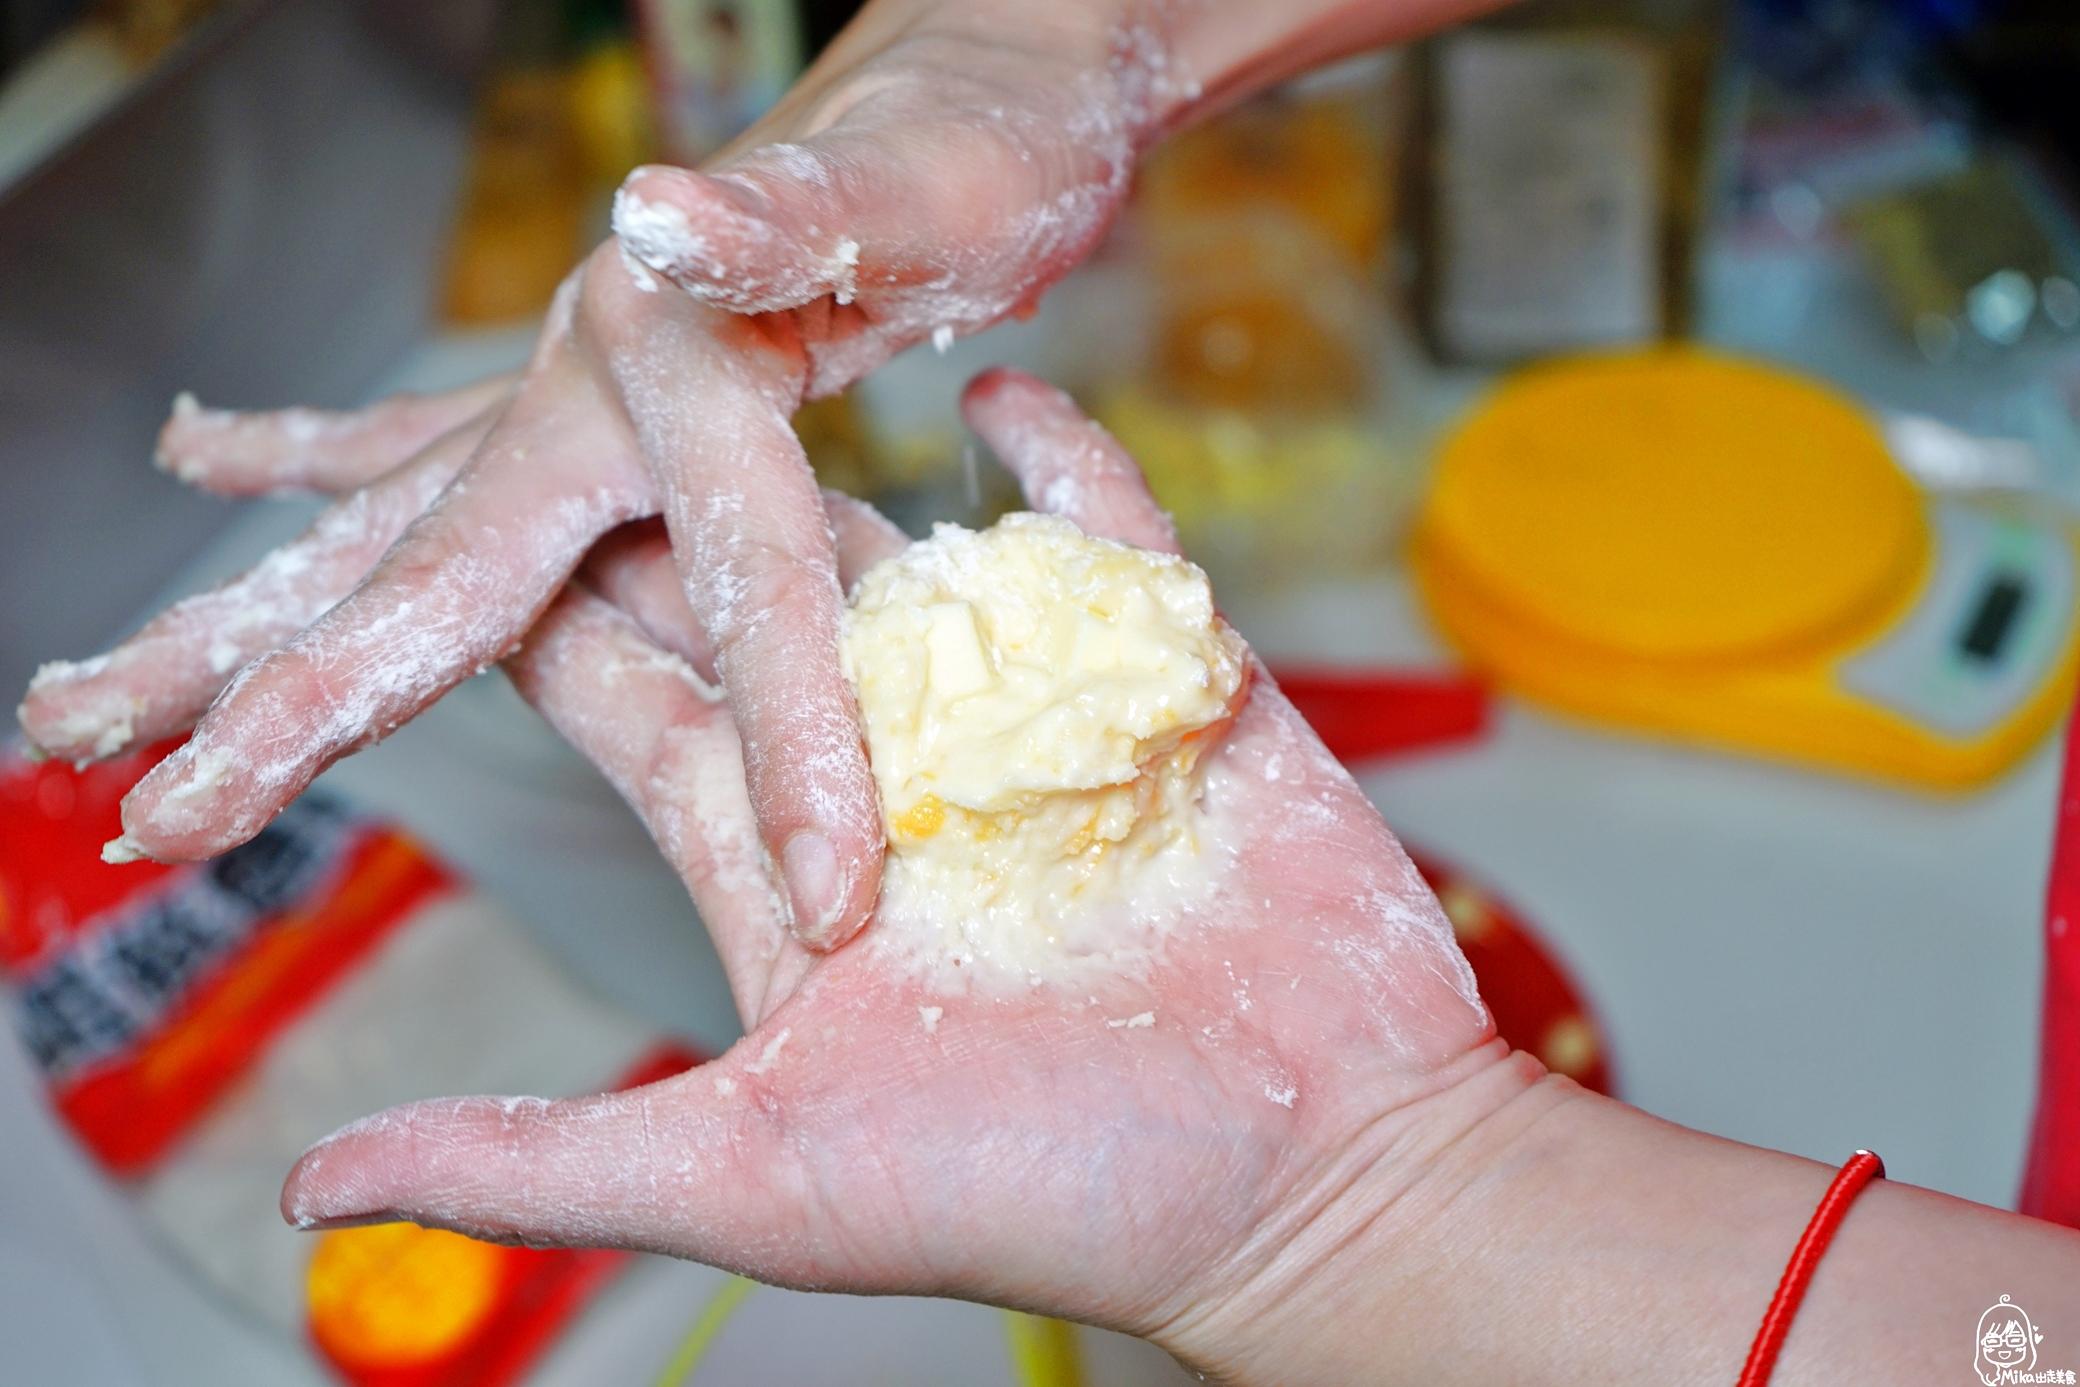 『懶人。料理』 氣炸超濃起司麻糬餅|芷要上菜 氣炸鍋出好料  小孩才做選擇 我起司跟麻糬都要混在一起吃  自己做就是這麼任性!